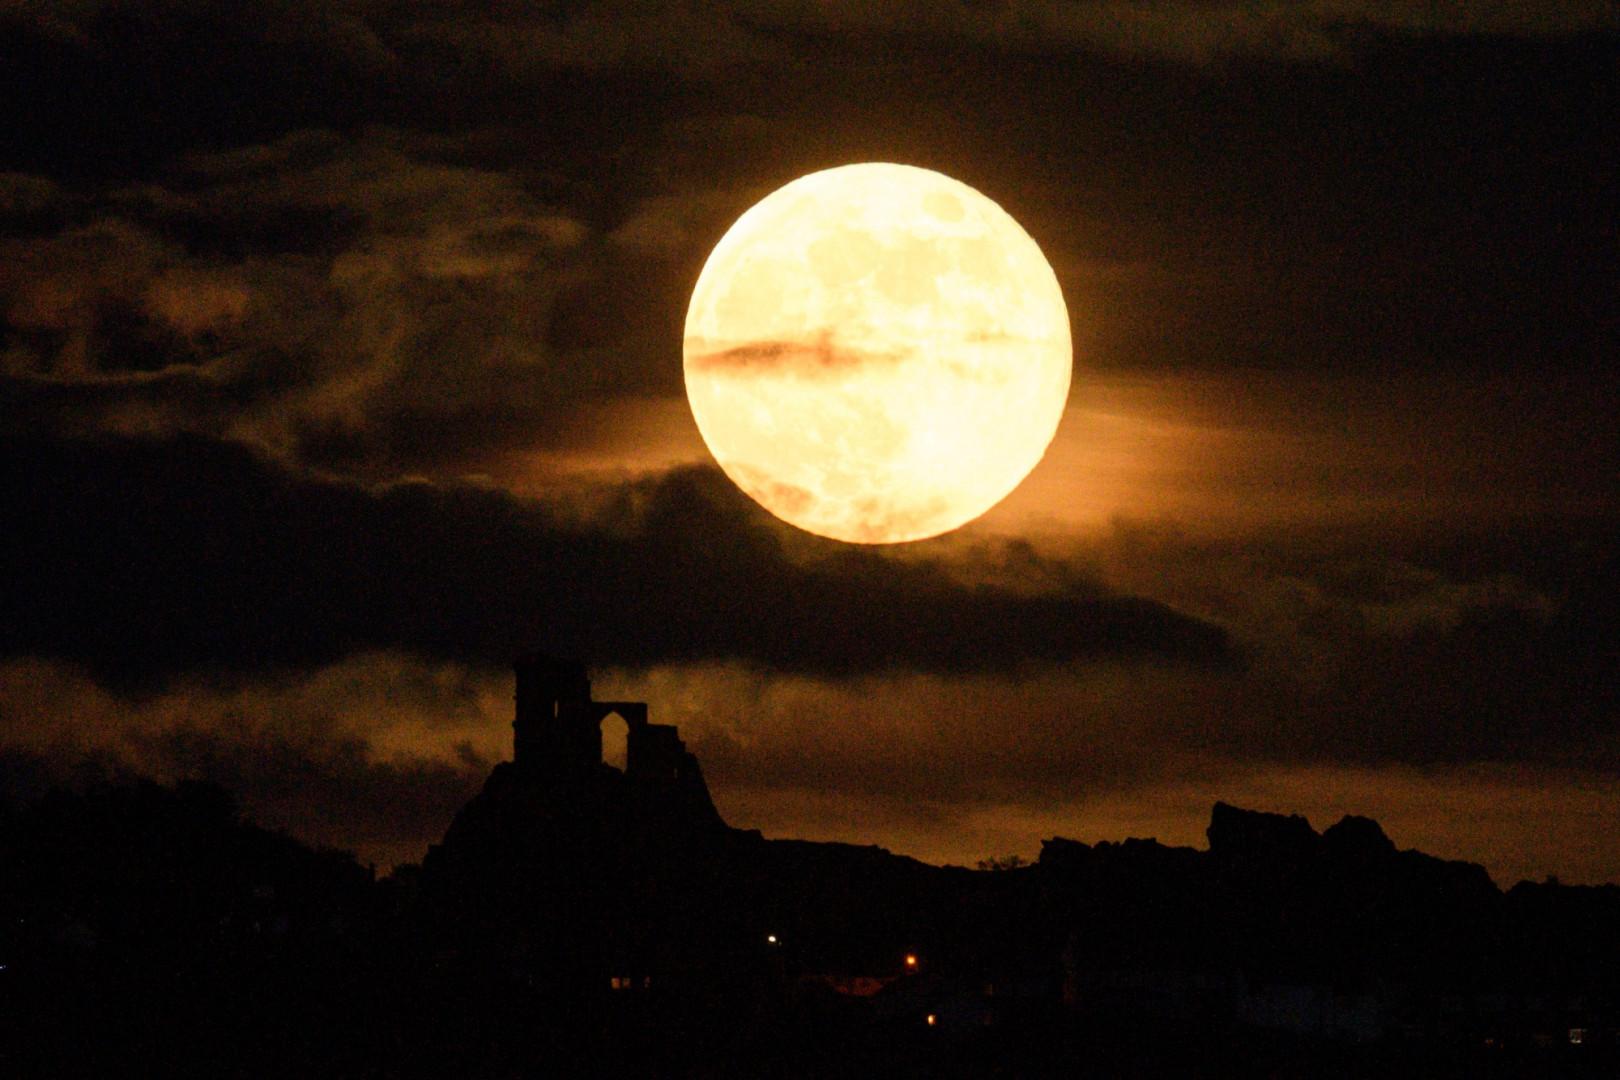 """Une """"super Lune"""" s'élève au-dessus du château de Mow Cop près de Stoke-on-Trent, dans le centre de l'Angleterre, le 7 mai 2020."""